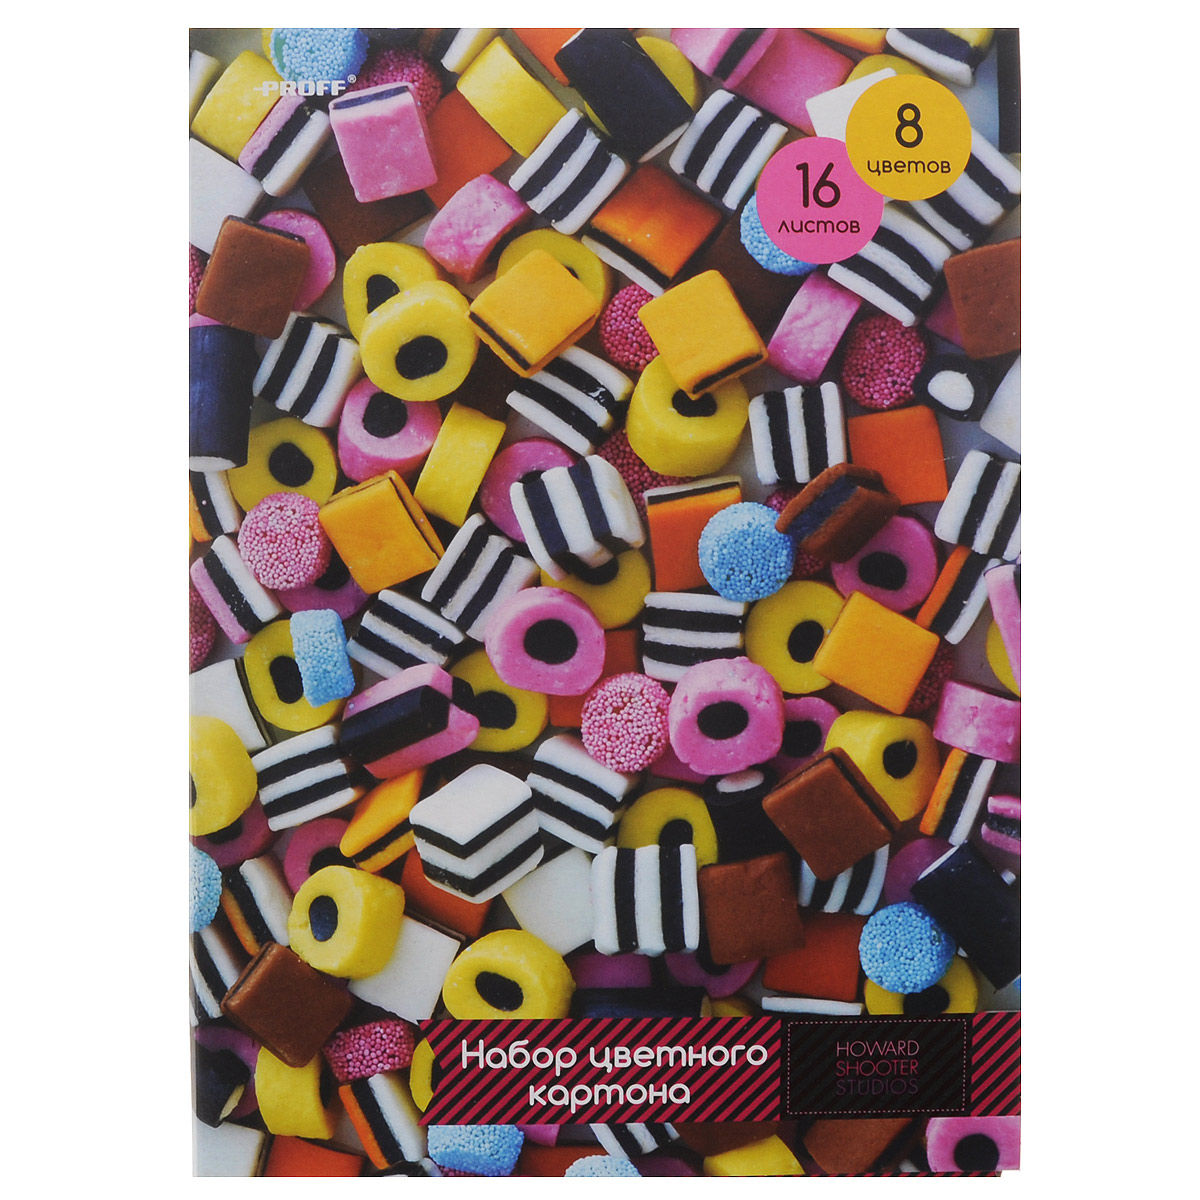 Набор цветного картона Proff  Сладости, 16 листов72523WDНабор цветного мелованного картона Proff Сладости позволит создавать всевозможные аппликации и поделки. Набор состоит из16 листов формата А4 одностороннего цветного картона восьми цветов: желтого, оранжевого, красный, белого, голубого, черного, коричневого и зеленого. Создание поделок из цветного картона позволяет ребенку развивать творческие способности, кроме того, это увлекательный досуг. Набор упакован в картонную папку с аппетитным изображением.